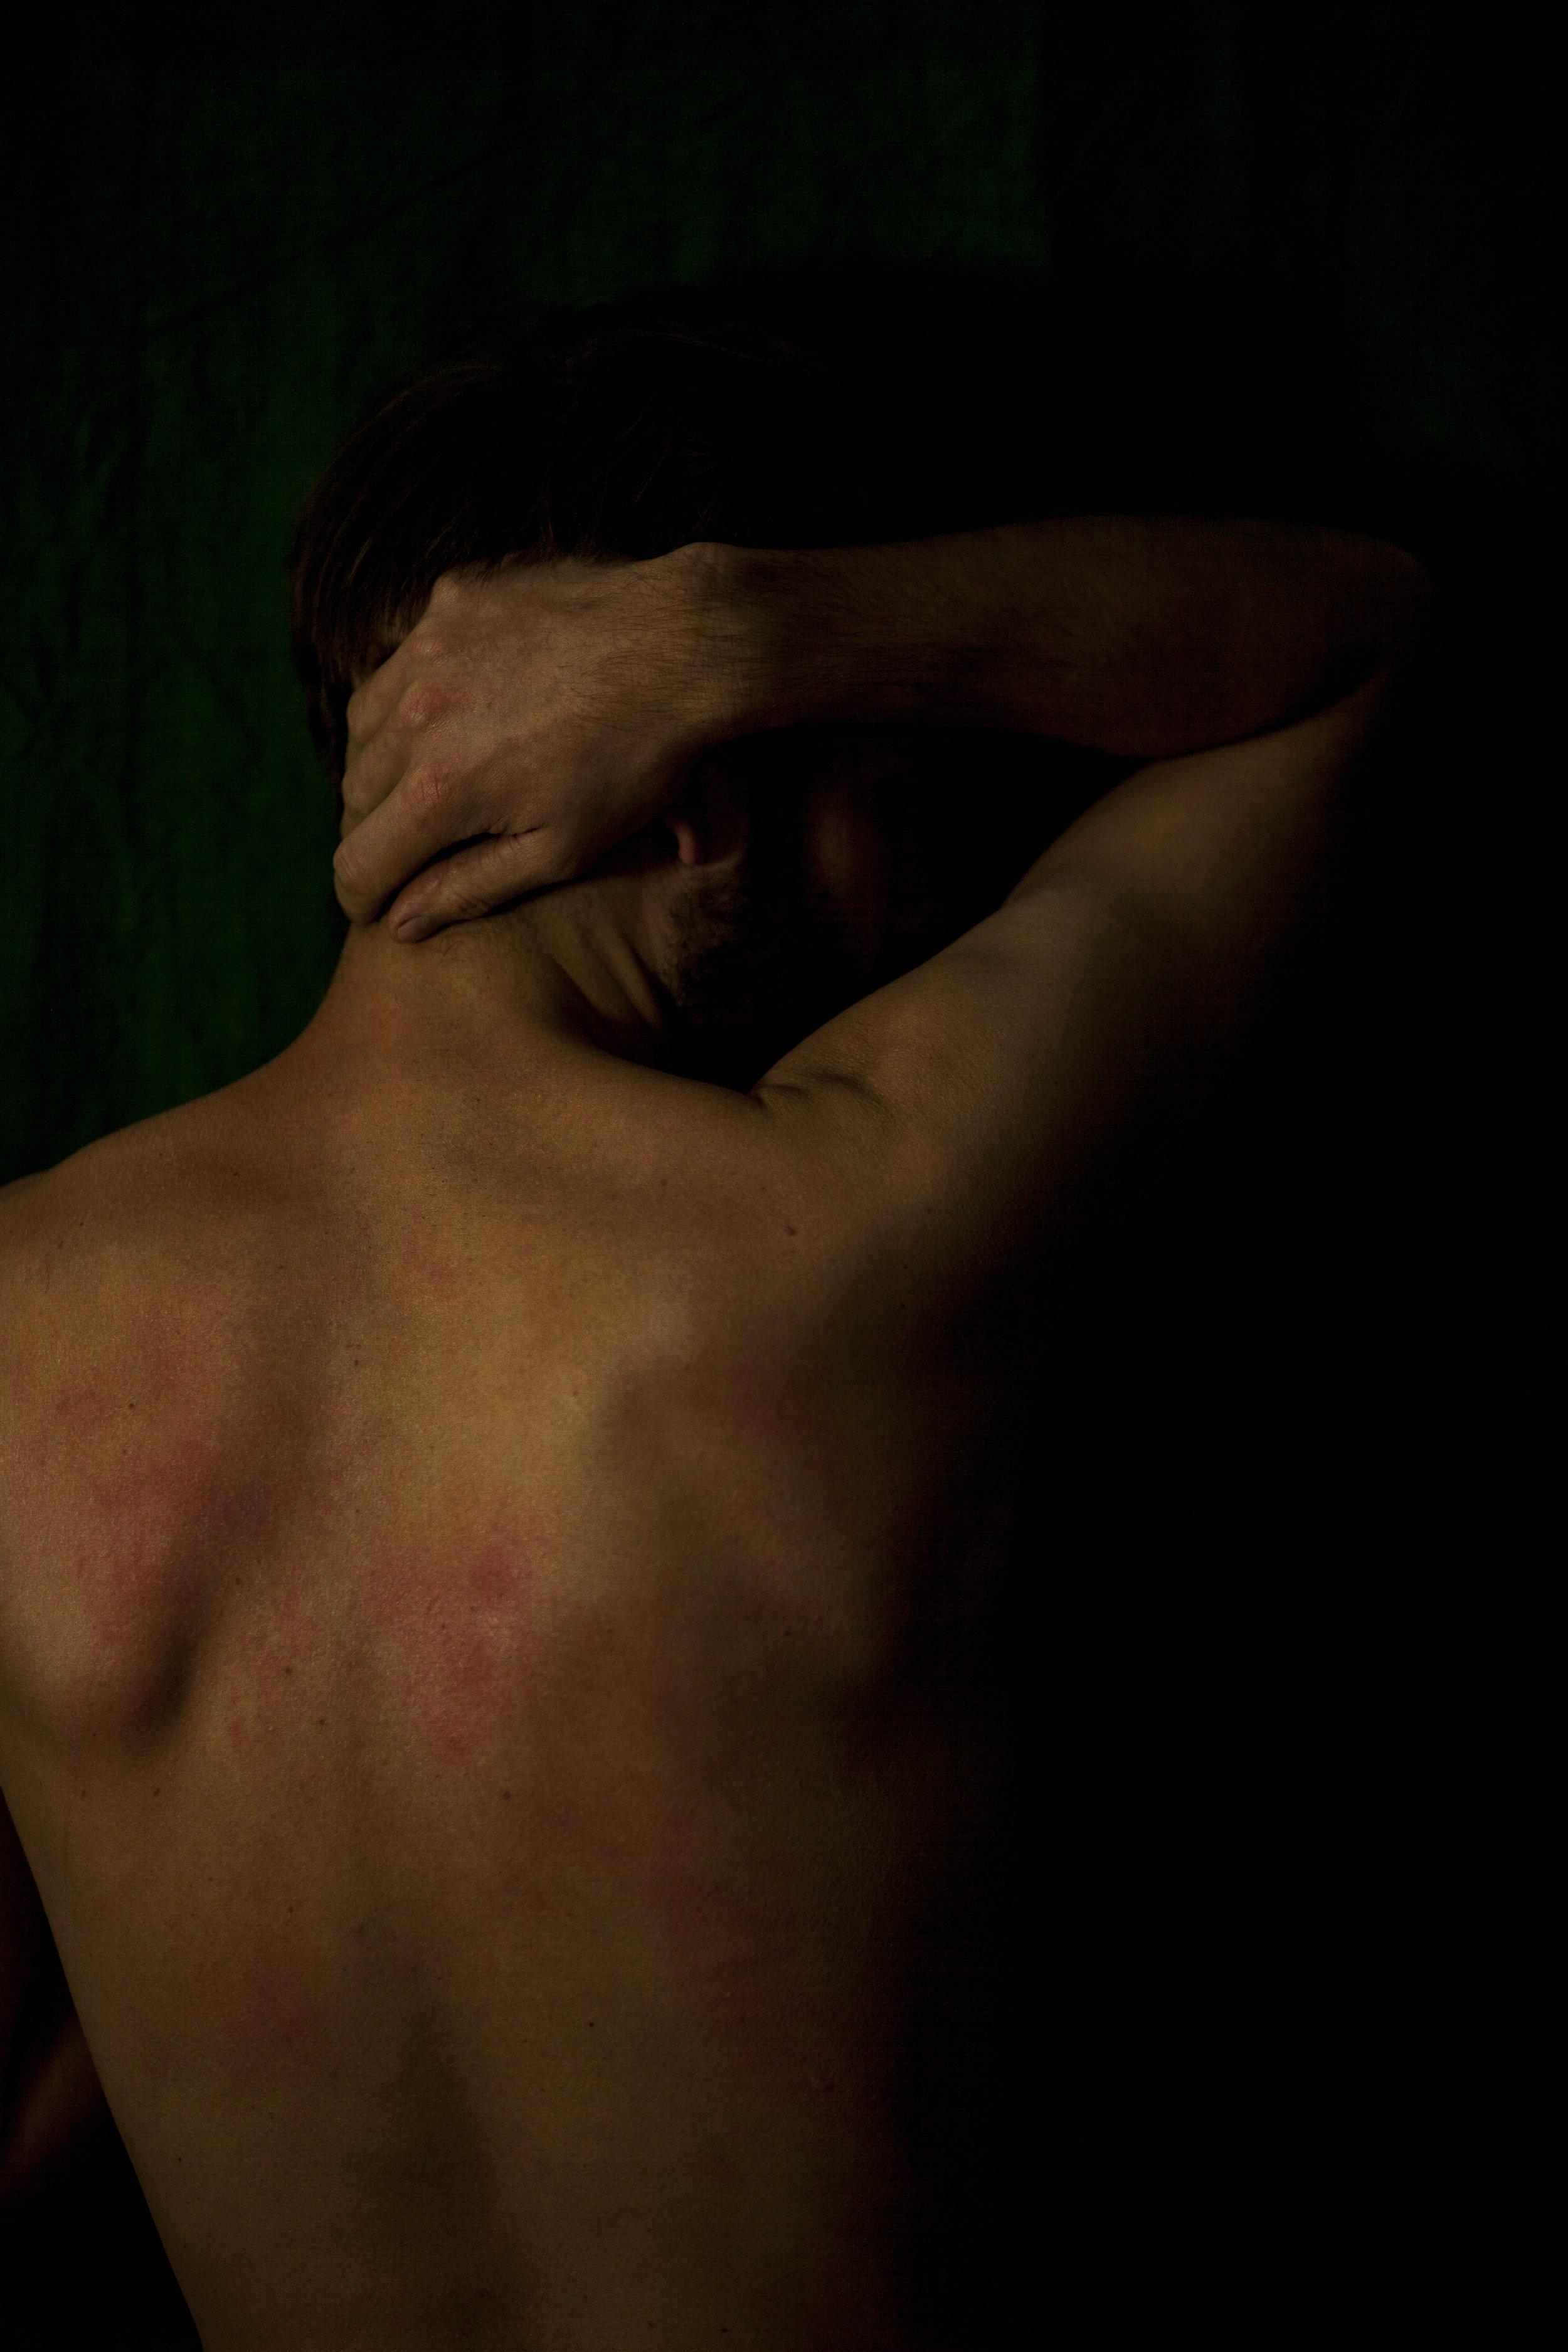 La chute del'homme blanc - Je suis devenue photographe pour révéler la puissance des femmes. Aujourd'hui, ma démarche s'étend aux hommes parce que je ressens une grande nécessité de faire le lien, de bousculer les assignations à être homme ou femme.Le monde a besoin du féminin : de l'intuition, de la création.J'ai donc choisi de créer un espace sombre, confortable et sécurisant pour les hommes dans mon studio. J'utilise la lumière comme une présence qui les protège et qui les isole du reste de la pièce. Ma voix les guide, les enveloppe.Je leur dit que cette séance est un moment qu'il s'offrent, pour eux, à l'abri, hors de ce qu'ils sont censés faire ou de ce que l'on attend d'eux « à l'extérieur ». Et je commence par leur lire cette citation de Marion Woodman :« Votre présence est pouvoir. Ce n'est pas un pouvoir sur quelqu'un d'autre. C'est simplement l'expression de qui vous êtes. Le pouvoir, dans le sens d'exercer un contrôle sur autrui, diffère de cette présence toute personnelle. L'amour est le véritable pouvoir.»J'observe comment cela résonne en eux. Et puis, je leur pose cette question :Pour vous, que signifie être puissant ?Et je regarde les carapaces tomber et le silence se faire.Le clair-obscur parle de la profondeur non révélée que les hommes portent en eux. Le contour, la partie du corps dans la lumière, le dos comme un besoin de repli, de retour à soi est ce qu'il choisit de laisser voir de lui à cet instant. La lumière révèle la part infime de cette fragilité qu'il laisse apparaître.Je procède à des enregistrements sonores des séances, en vue de comprendre ce qui se joue dans l'instant, de capter ces instants d'intimité, cela donne naissance à des «conversations photographiques».Laure Duchet